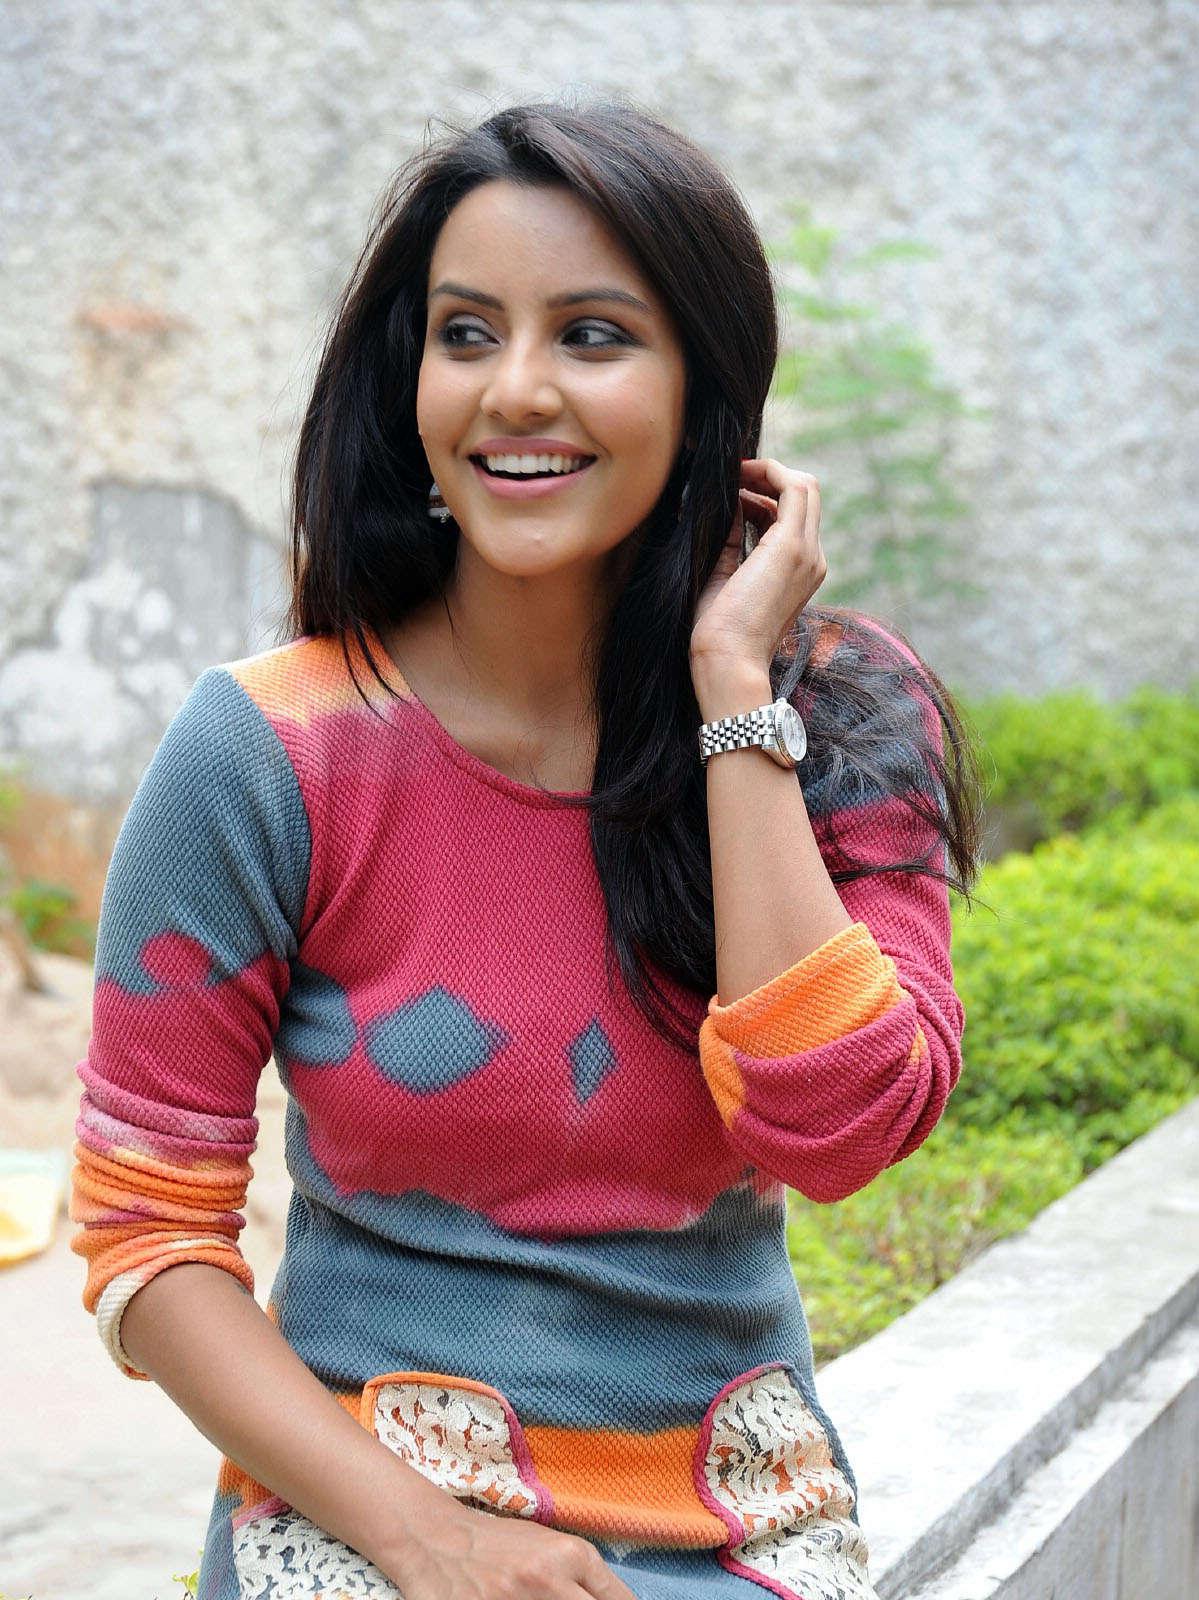 priya anand's - smiling new pics